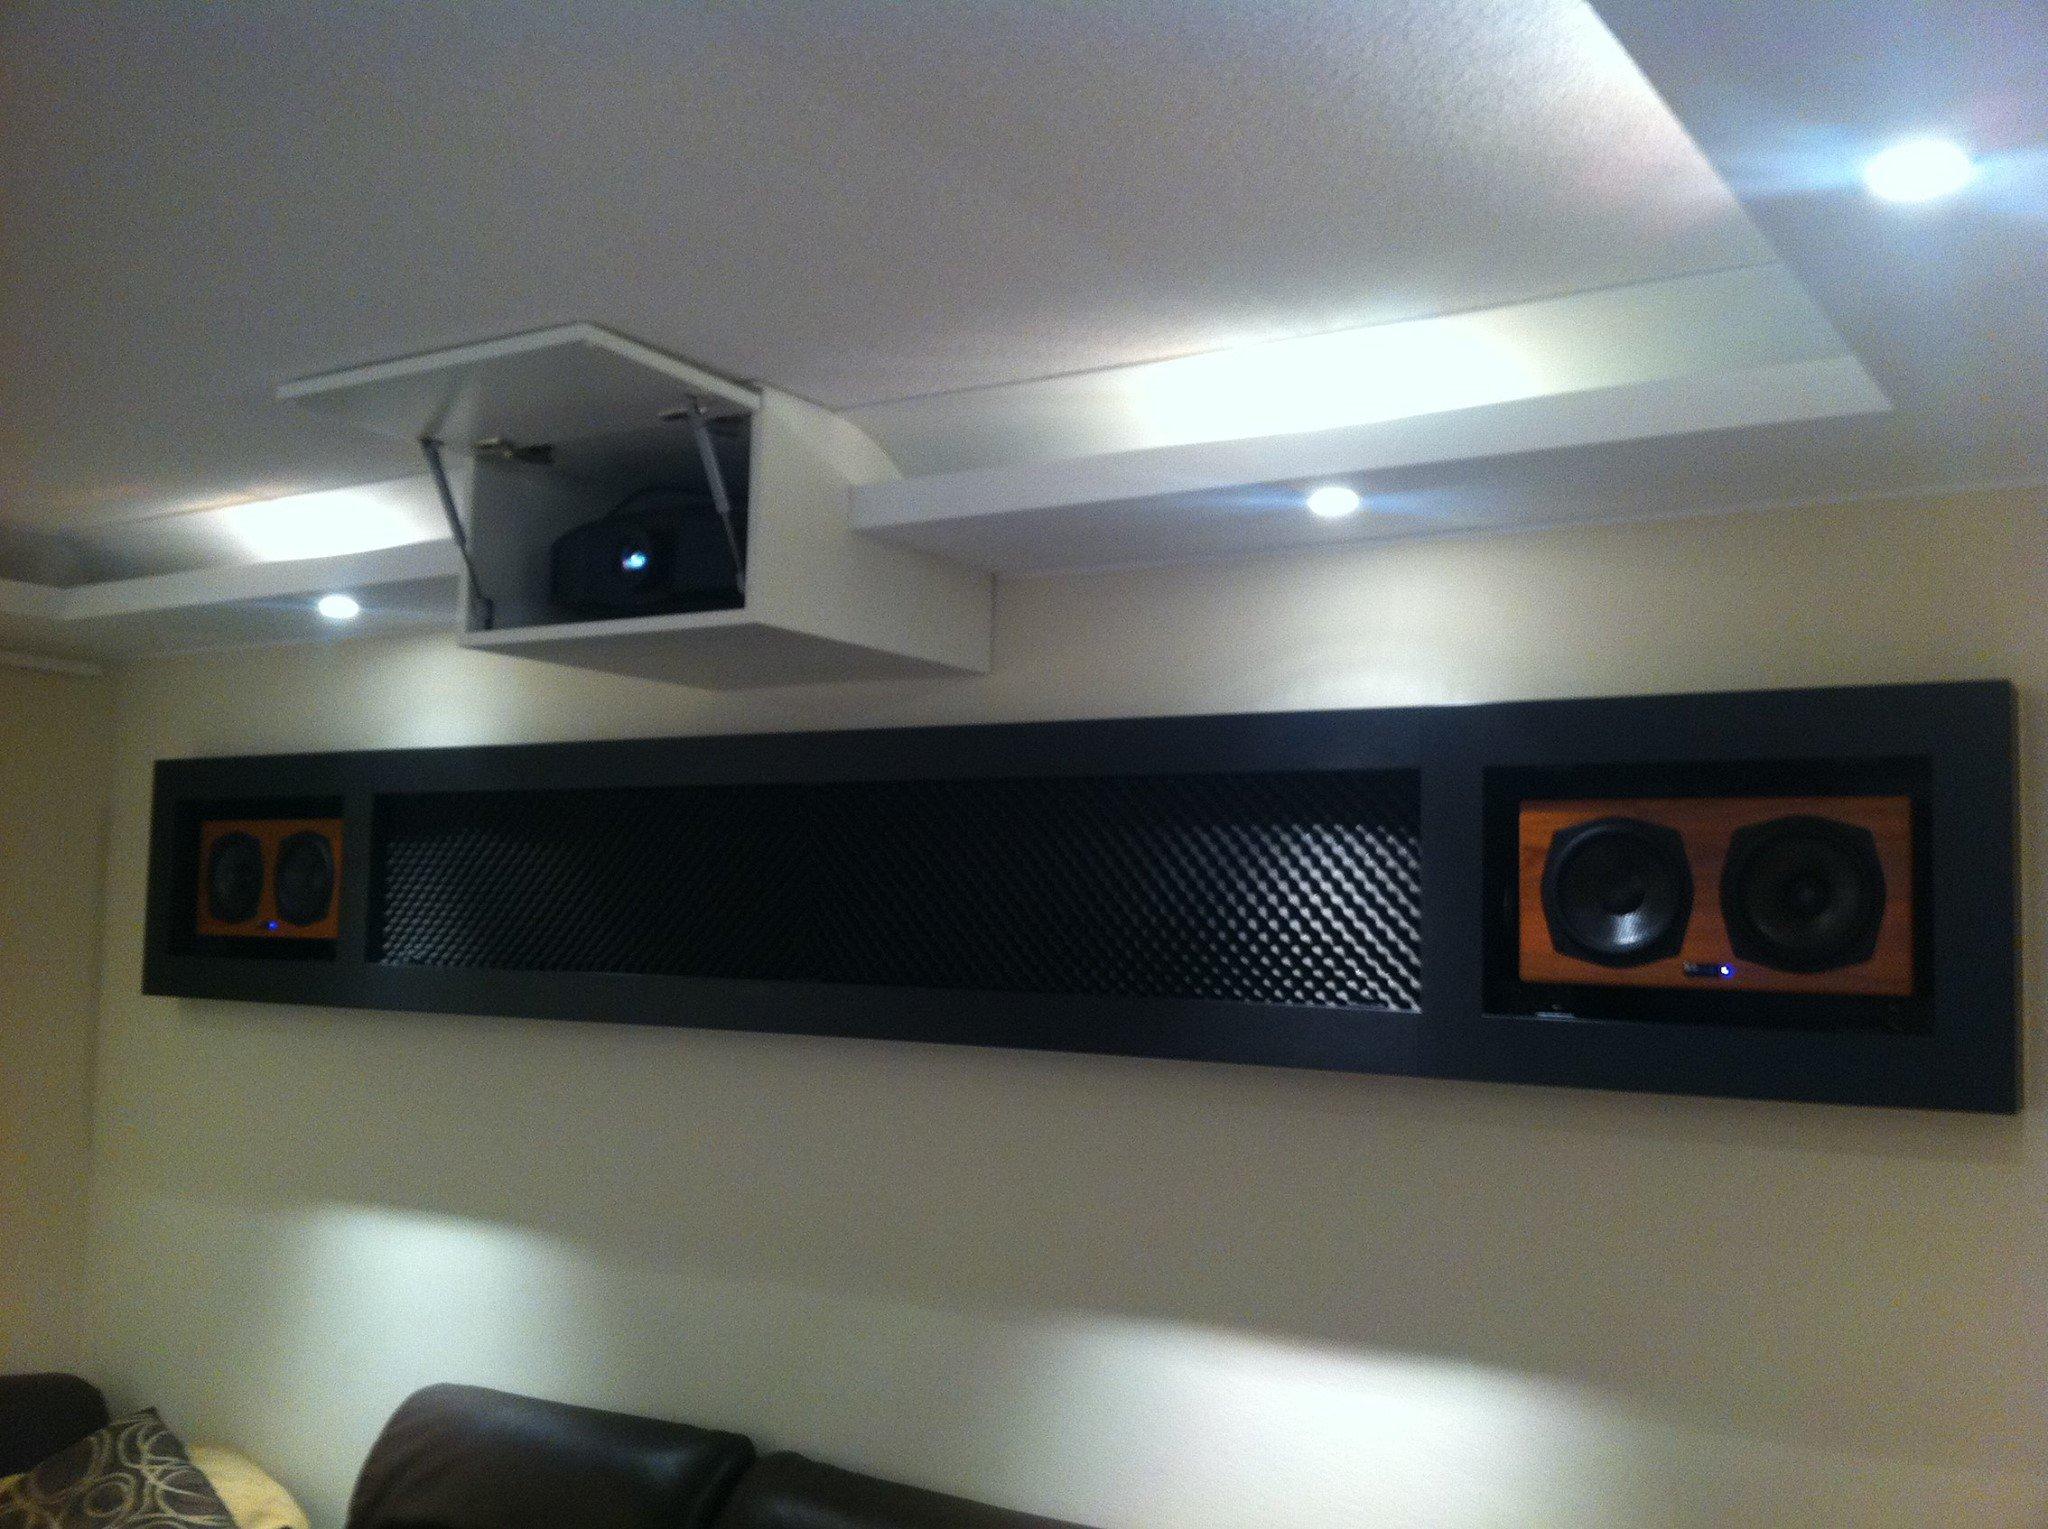 Wohnzimmer Beamer mit genial design für ihr haus design ideen